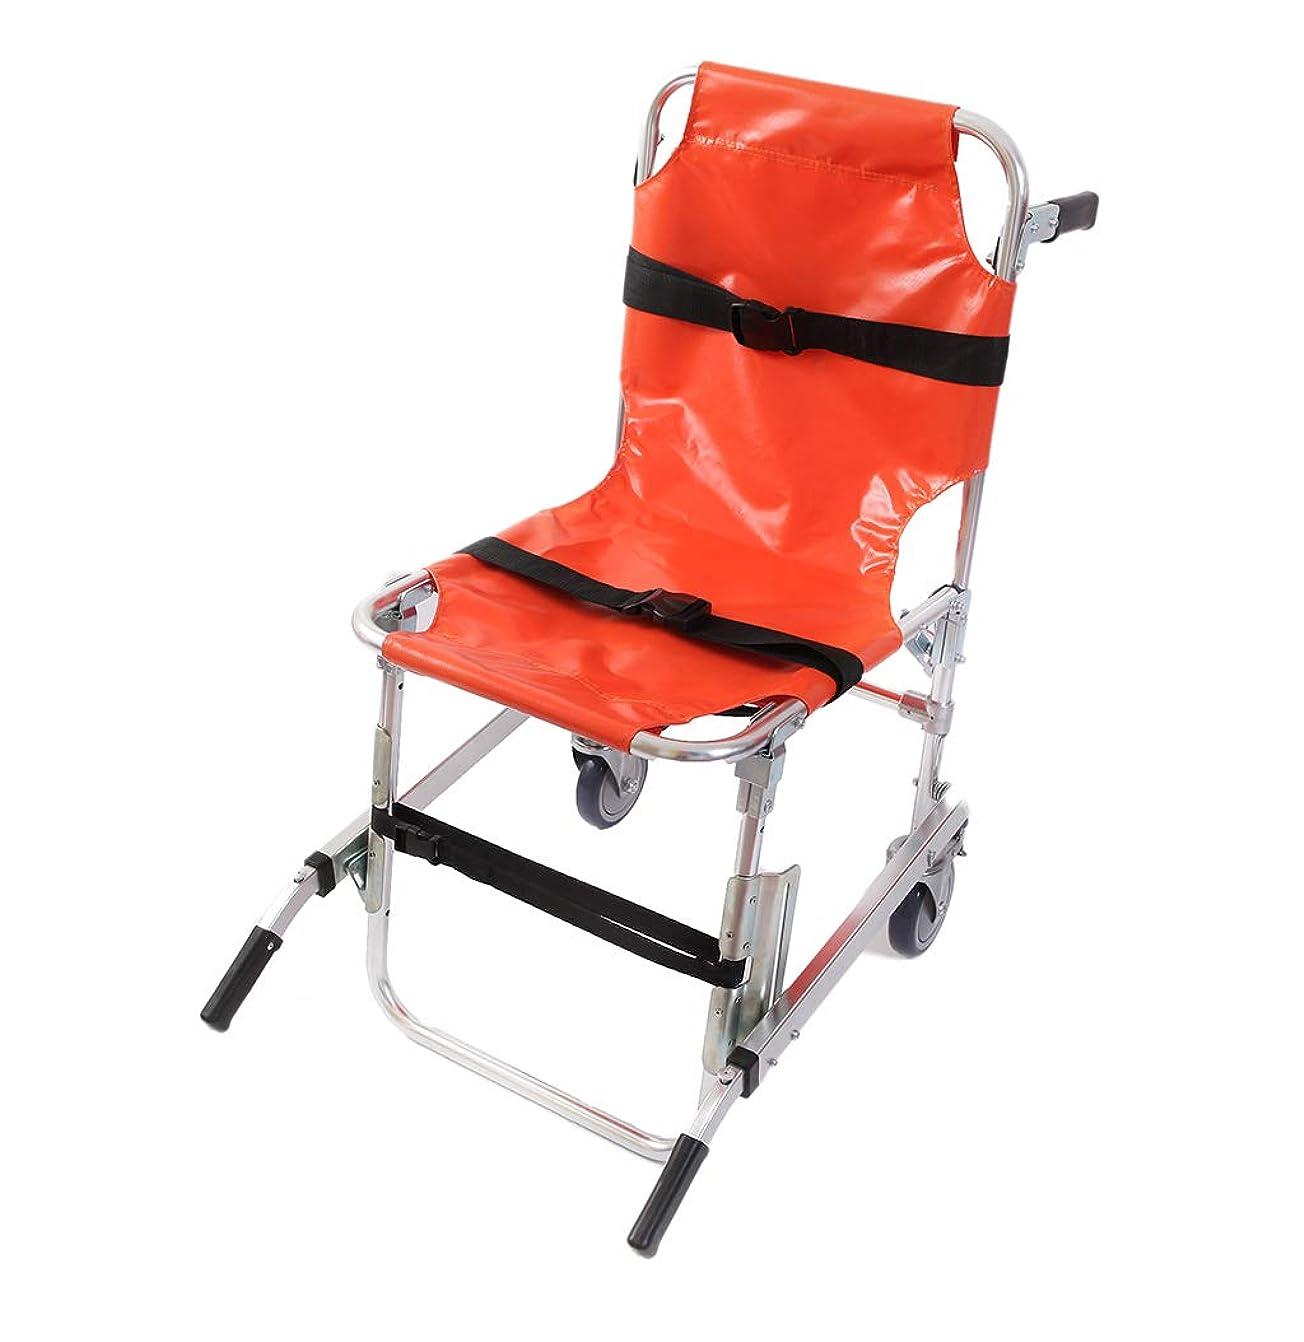 スパイラルライオン混乱したEMS階段椅子アルミ軽量2輪医療輸送チェア患者拘束ストラップ付き350ポンドの容量